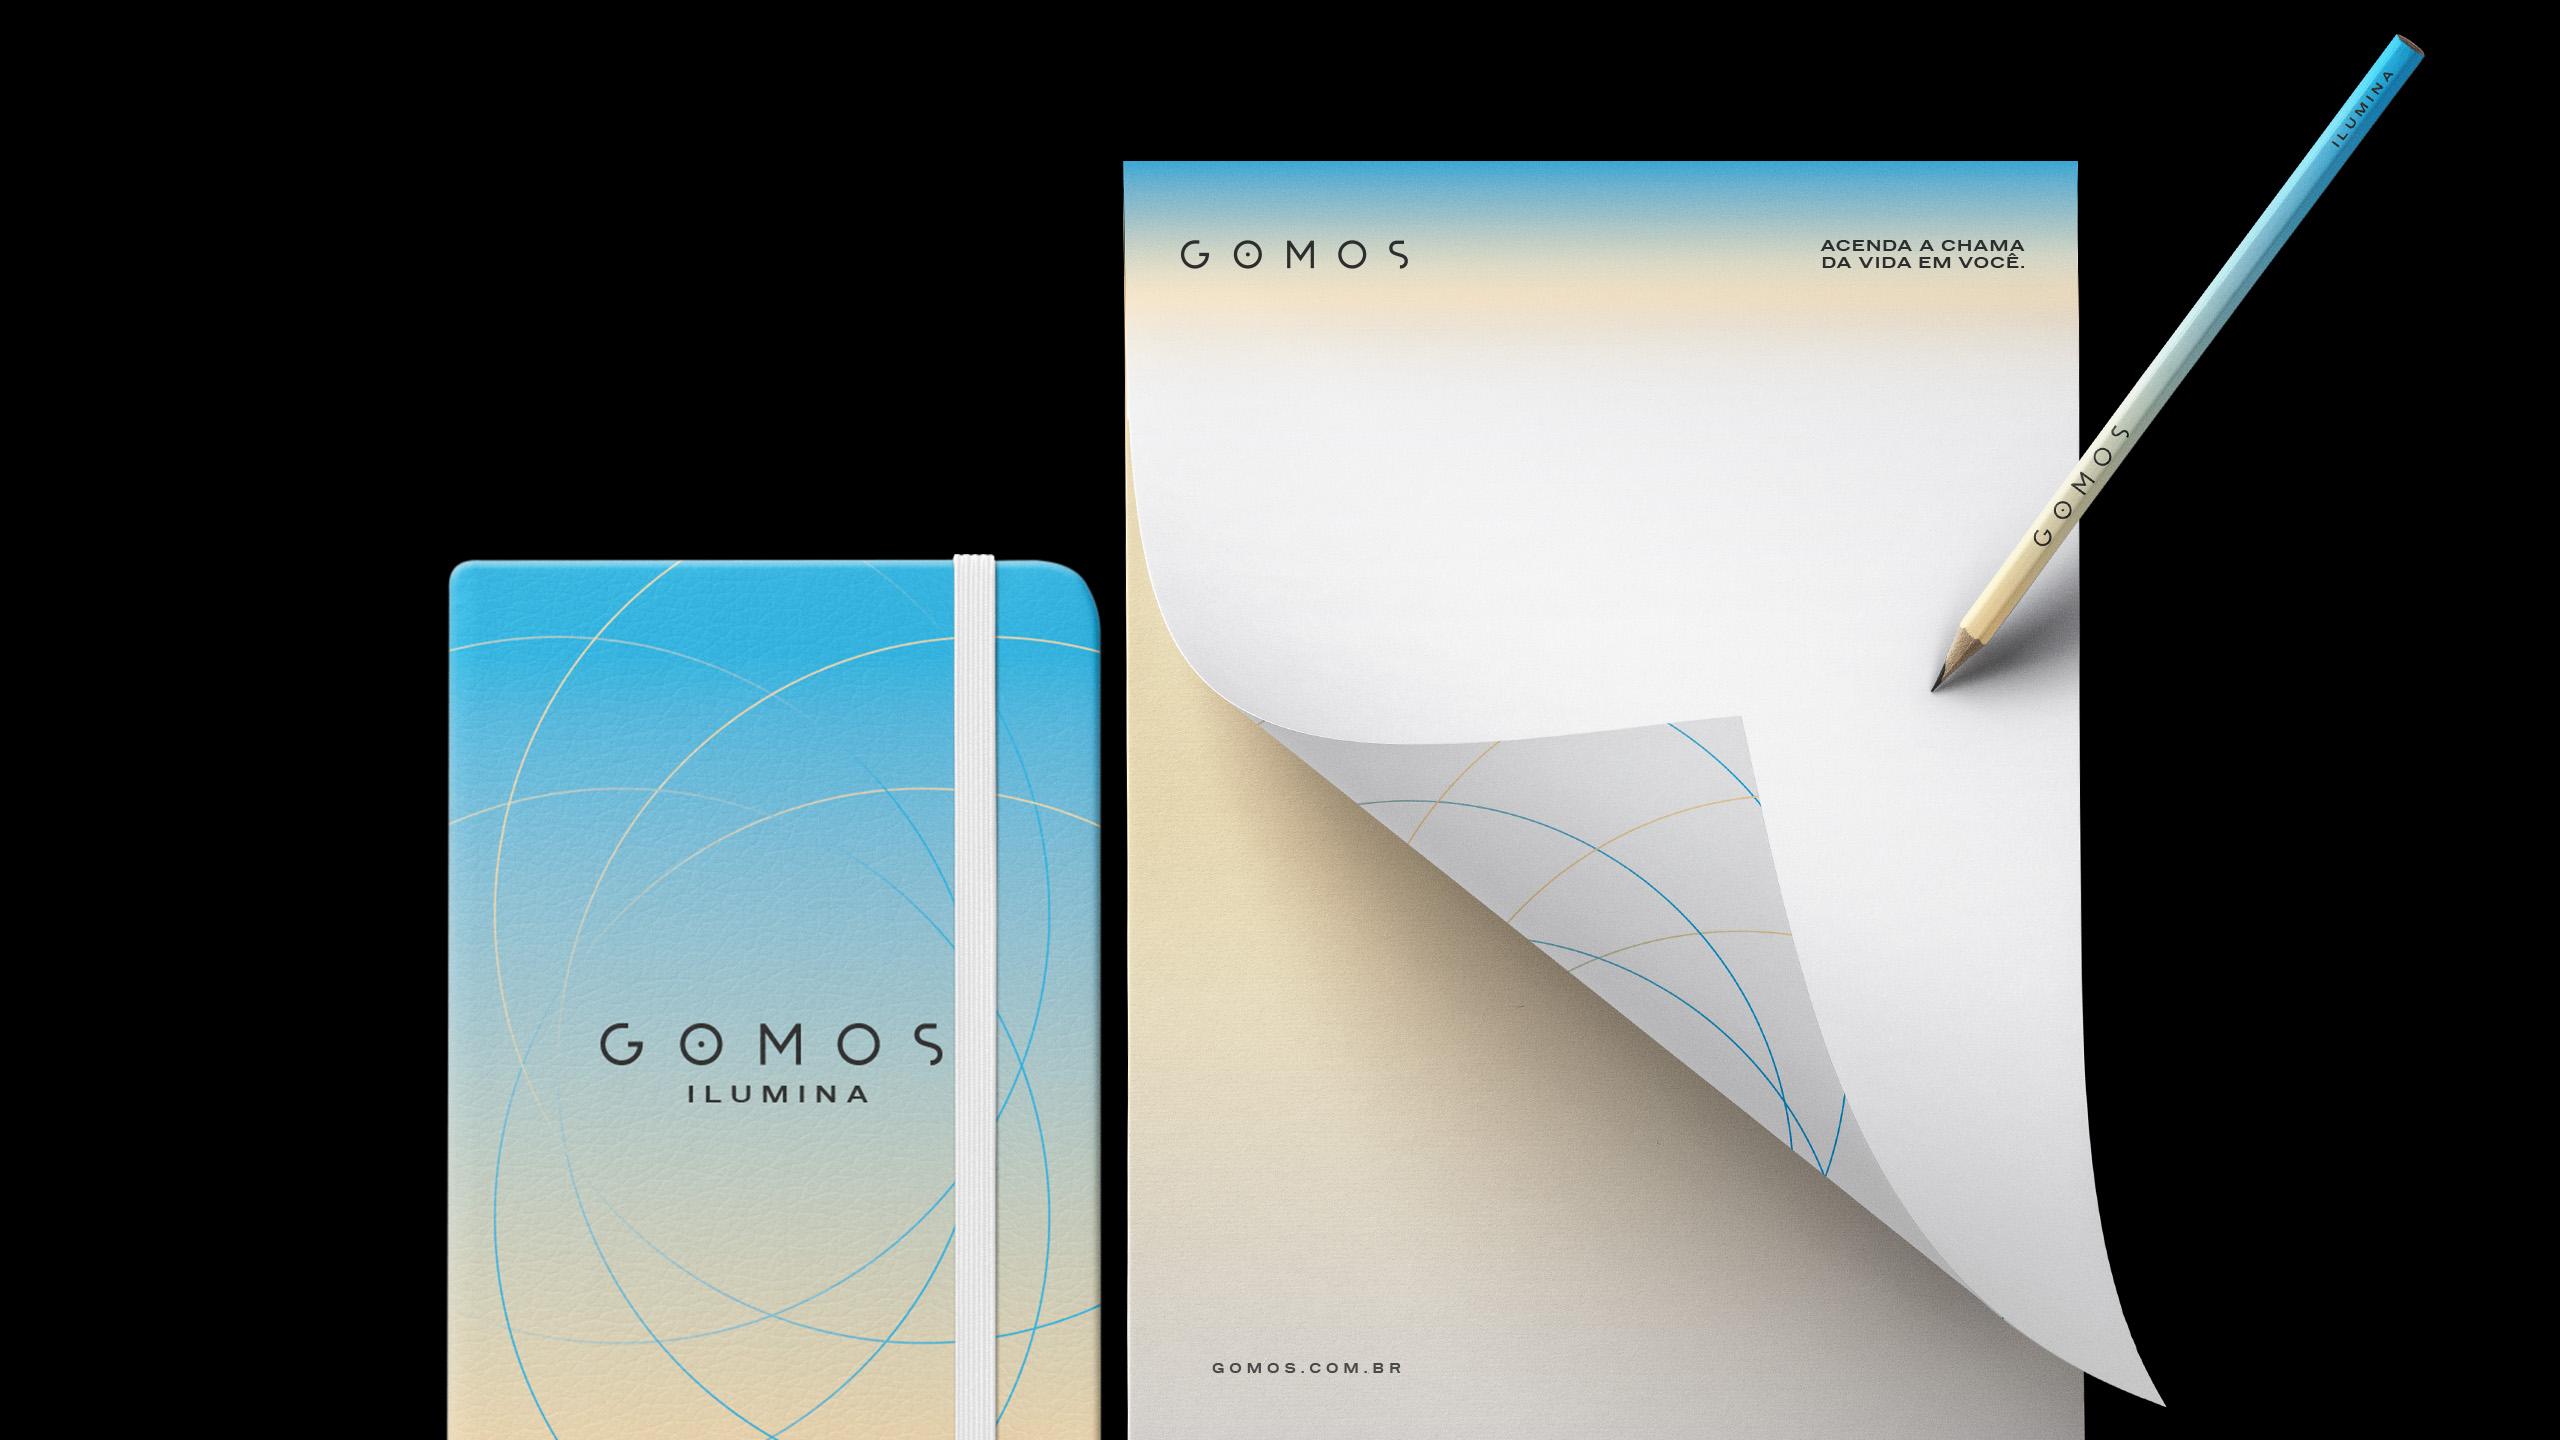 firmorama_gomos_12-1